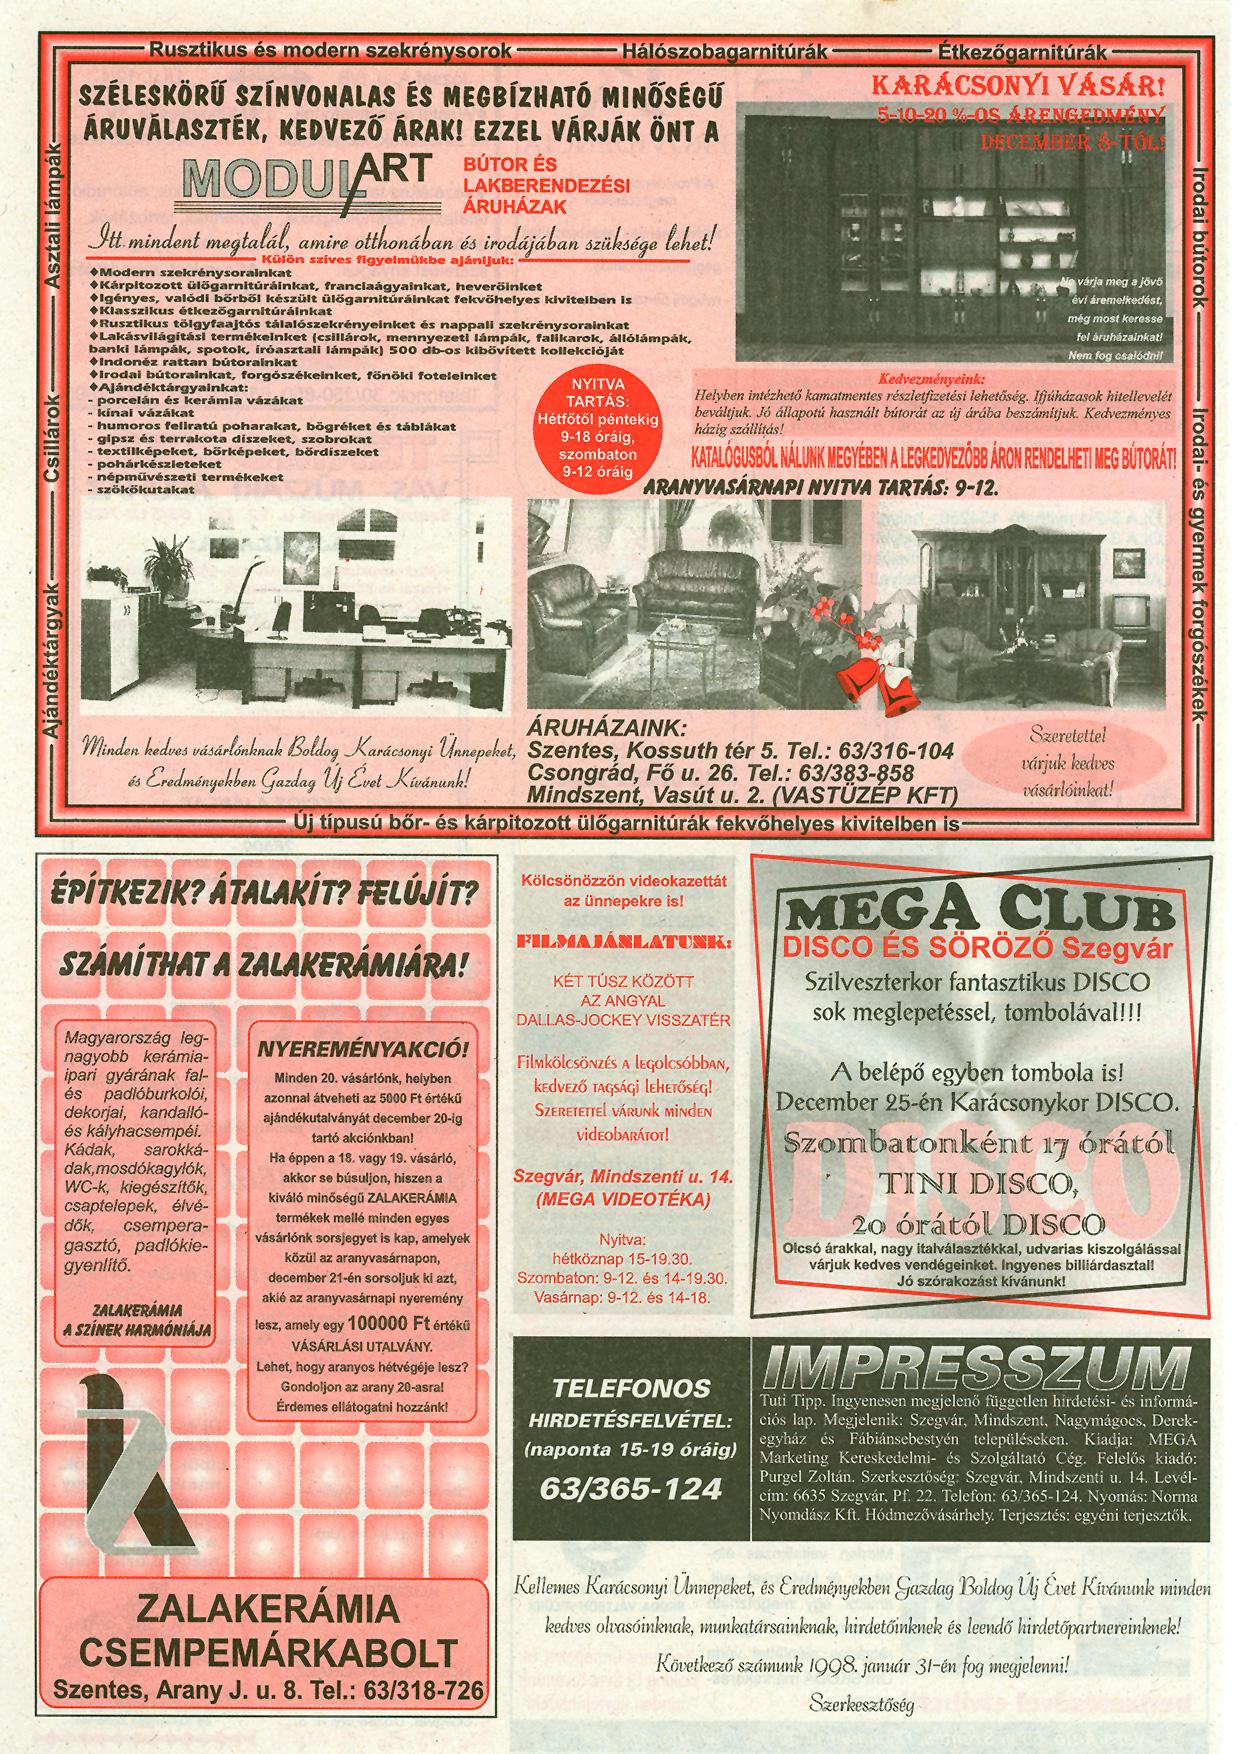 052 Tuti Tipp reklámújság - 19971217-077. lapszám - 2.oldal - III. évfolyam.jpg